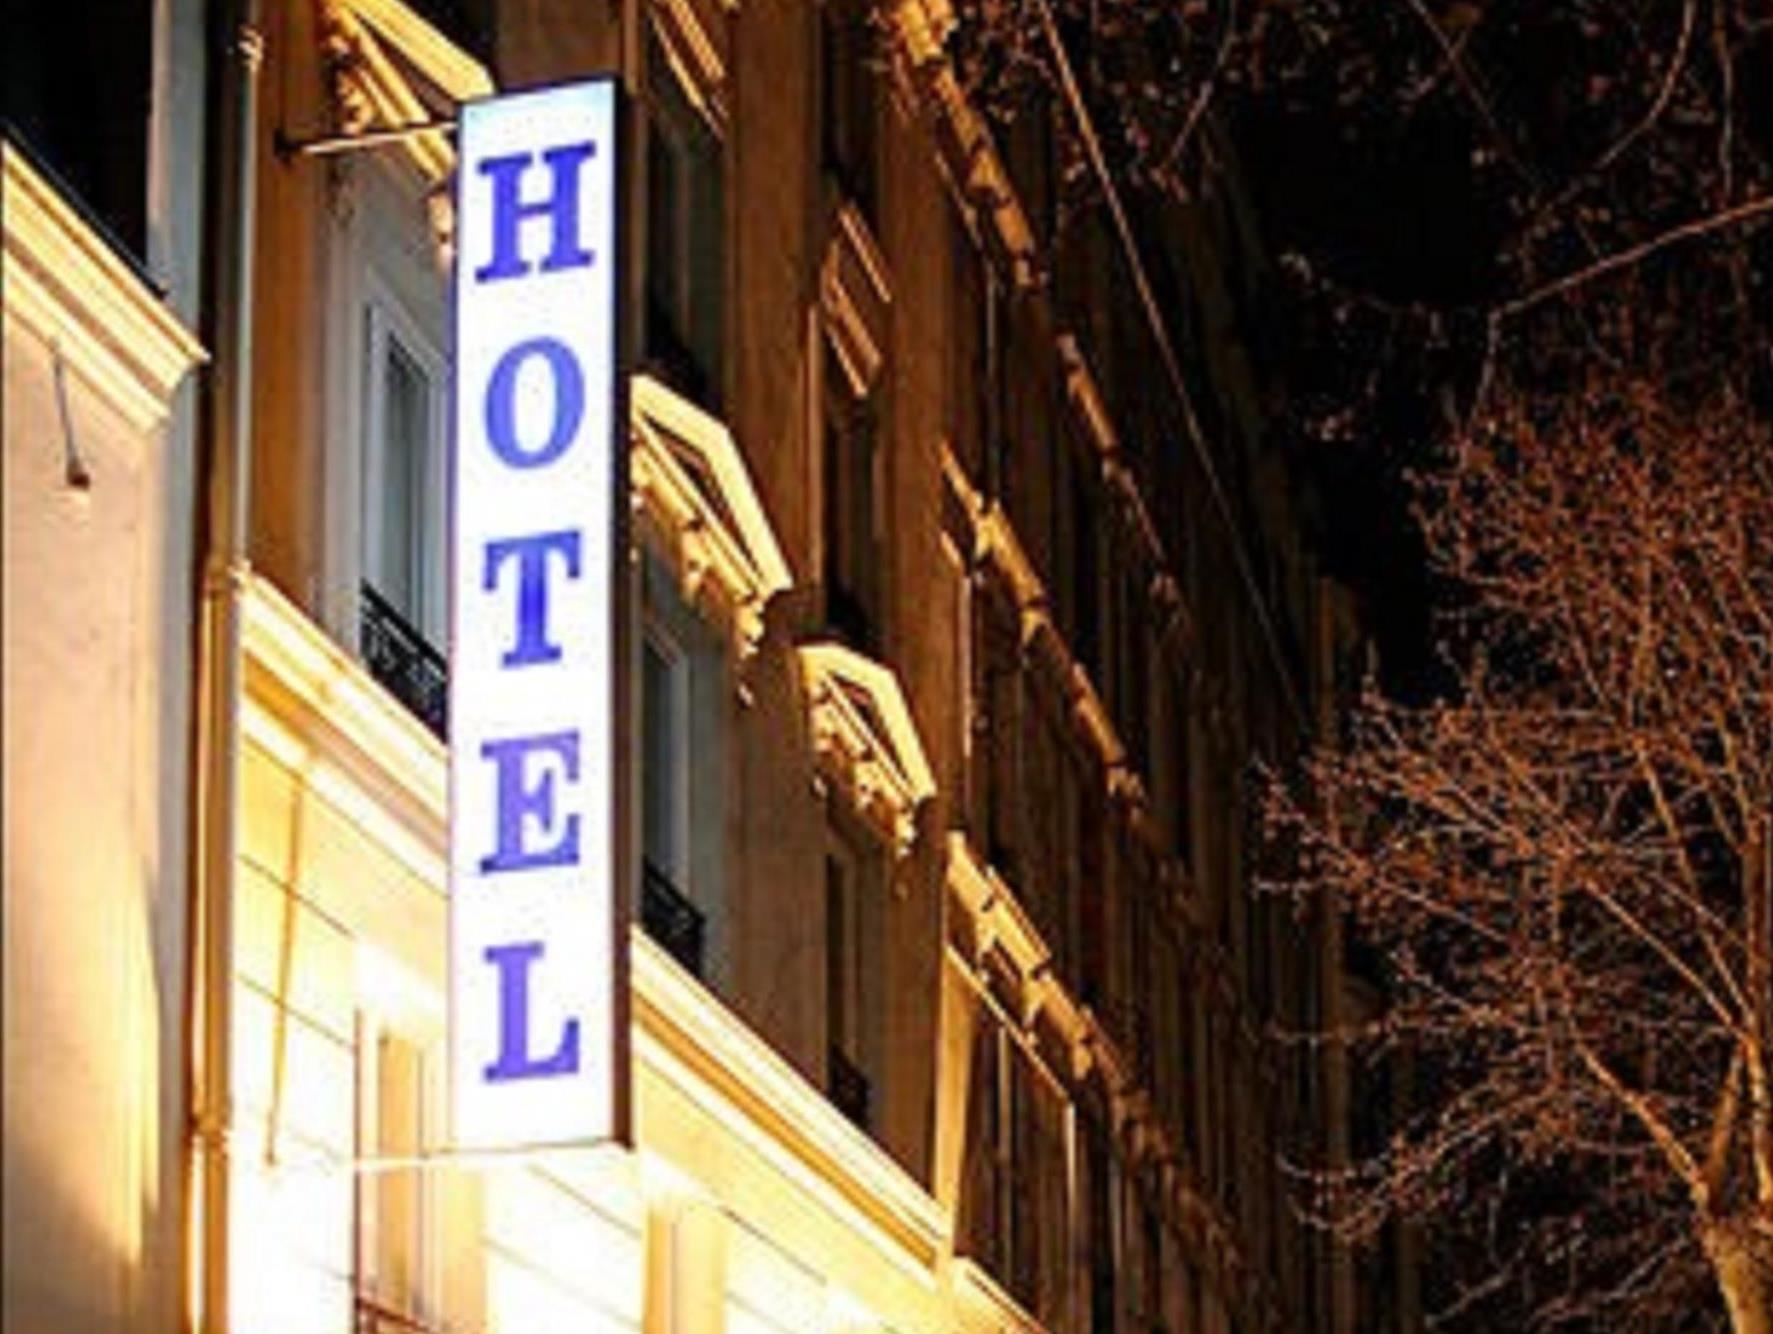 Le Grand Hotel Dore